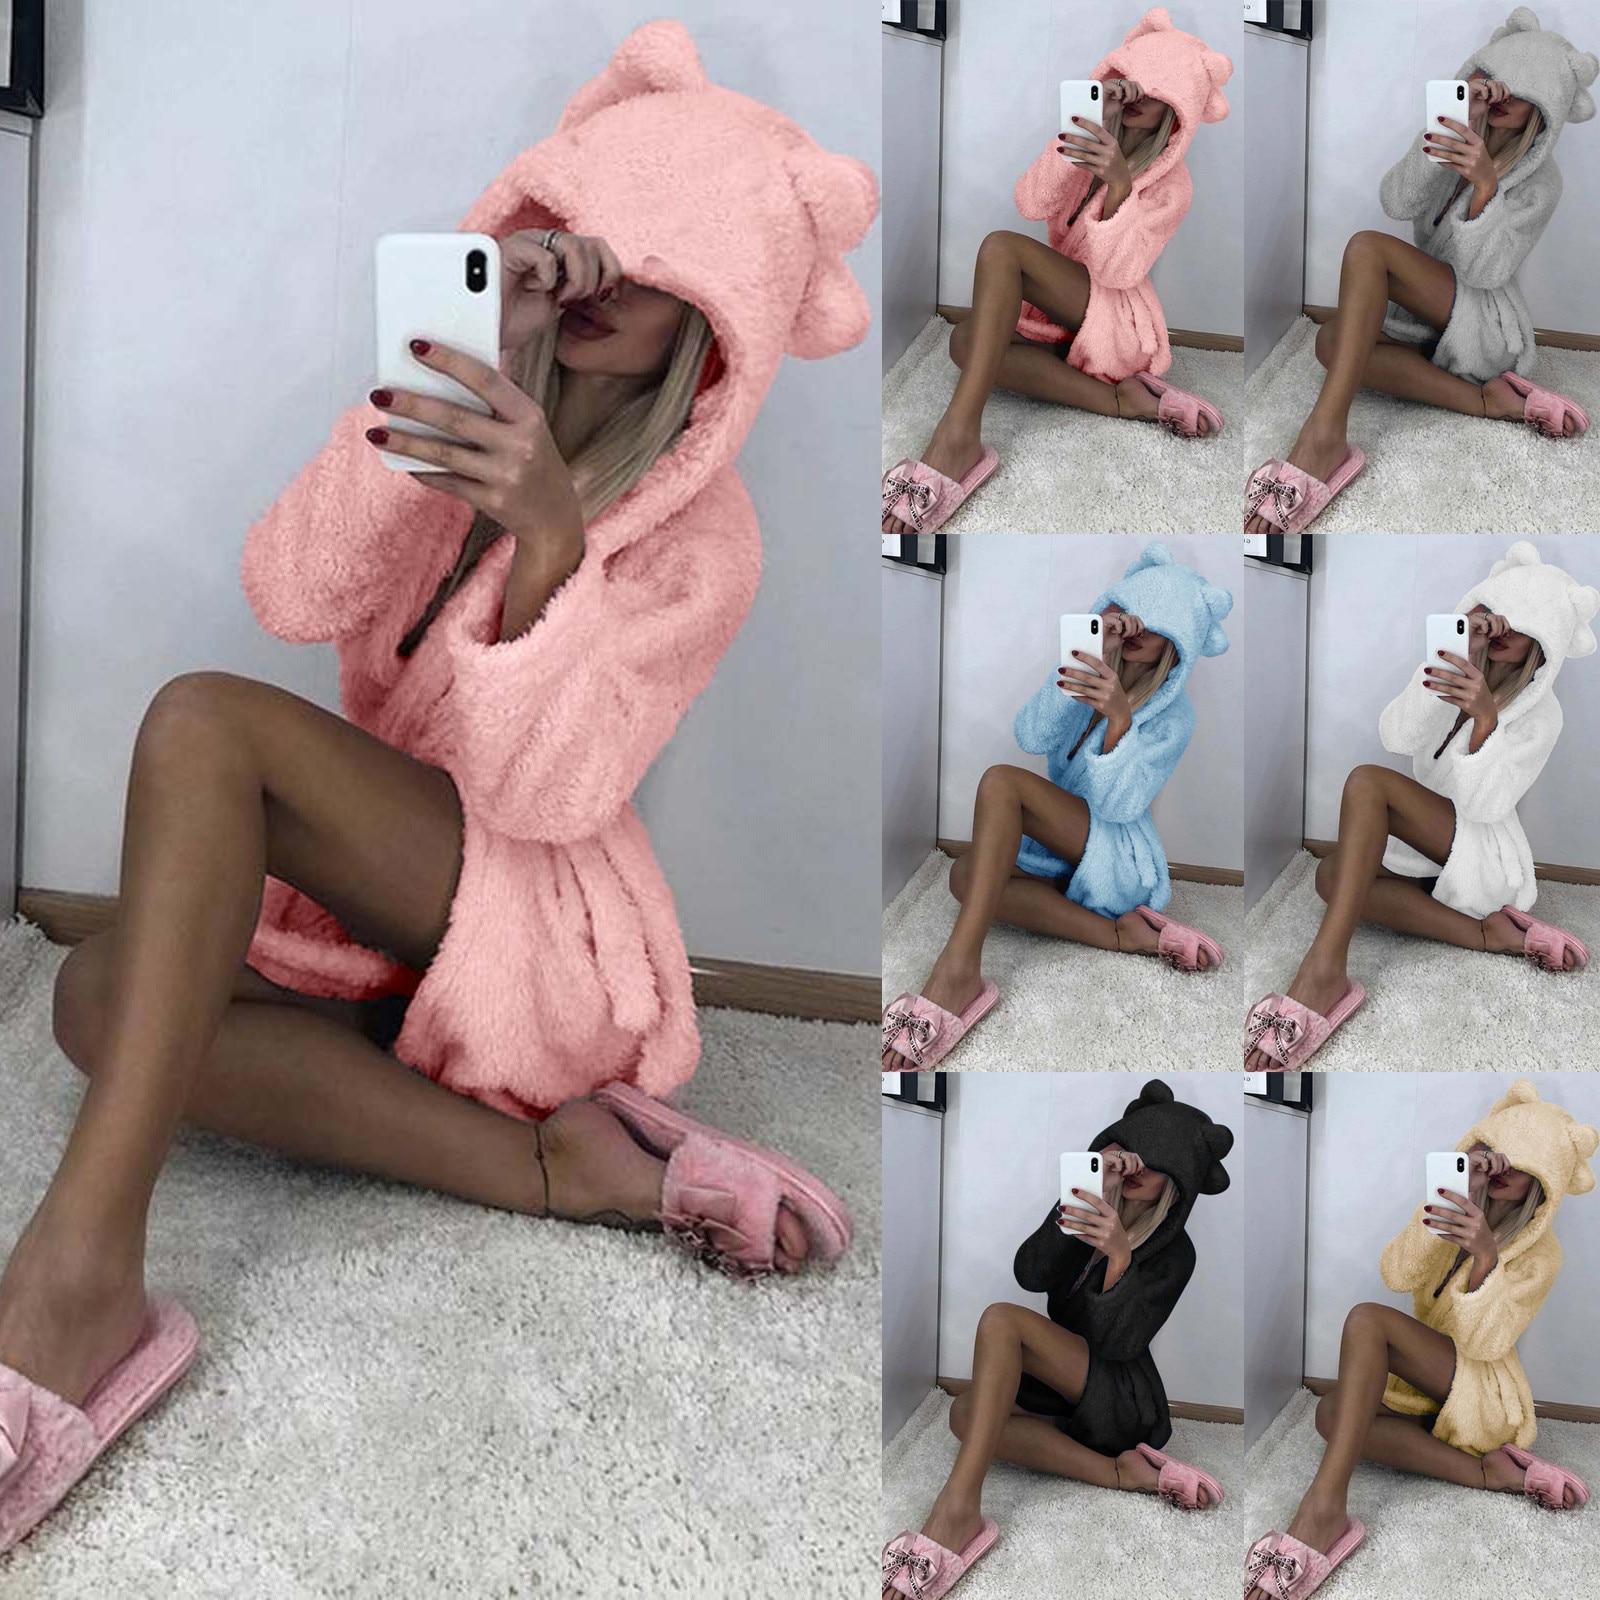 Frauen Plüsch Verband Robe Weichen Bequemen Nette Warme Pyjamas Winter Nachtwäsche Dusche Spa Bademantel Schlaf Nachthemd Dressing Kleid